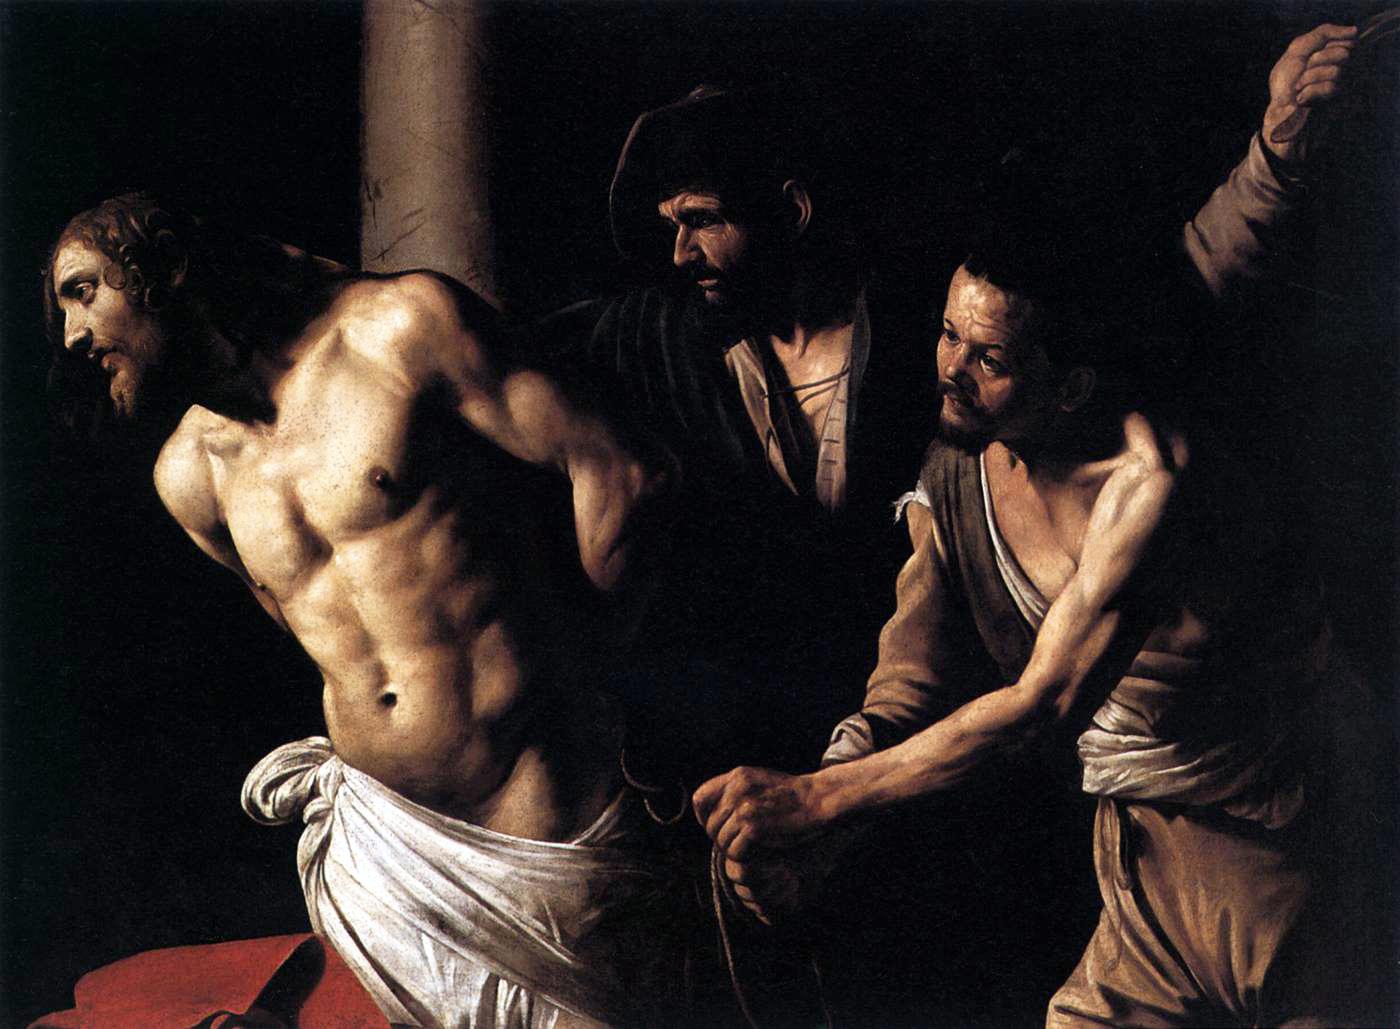 La flagellation romaine au temps de Jsus-Christ